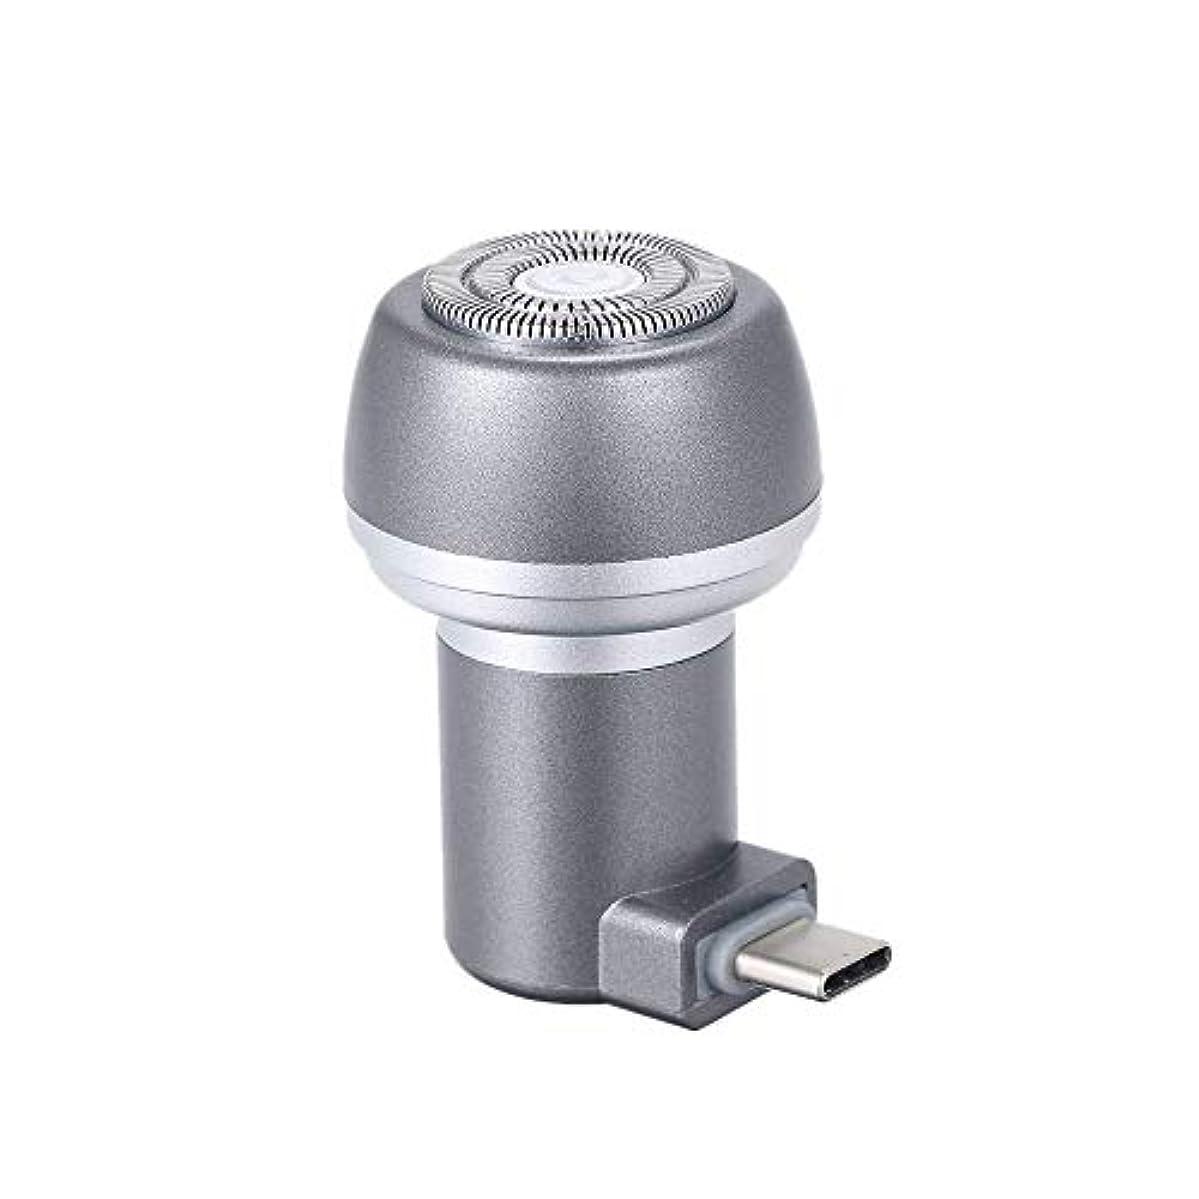 ラブ着陸サイトXiAnShiYu家庭用 電気 シェーバー 男性用 防水 ウェットドライシェービング USB充電式 グレー タイプC